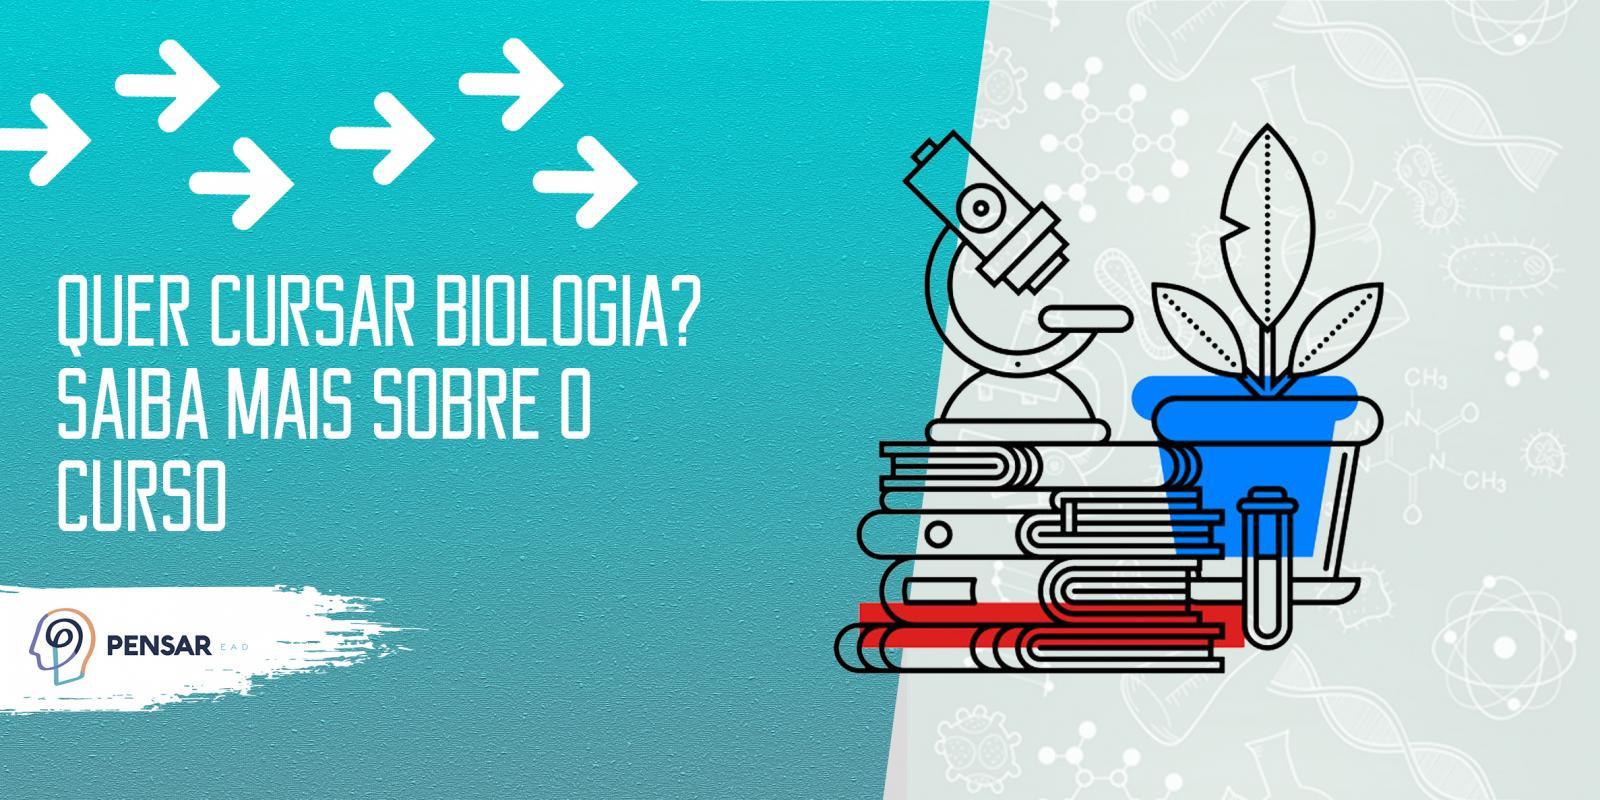 Quer cursar Biologia?  Saiba mais sobre o curso